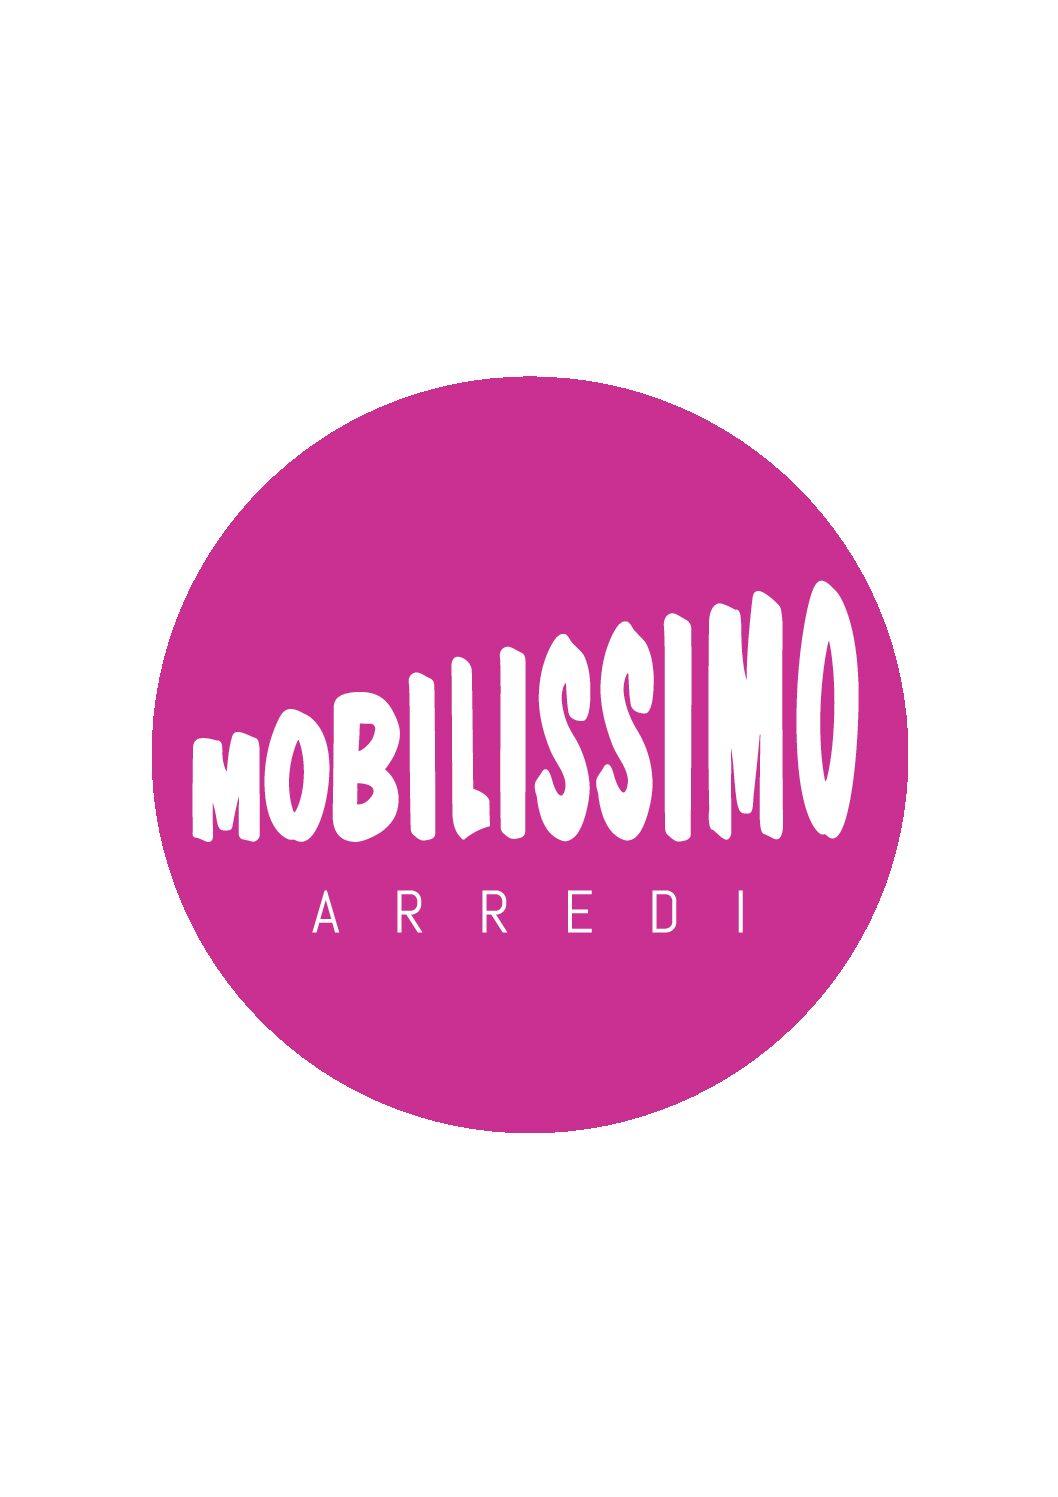 Cernusco s/Naviglio (Mobilissimo): Corso Iniziale BLSD per Operatori Laici (AREU) (Evento Privato)